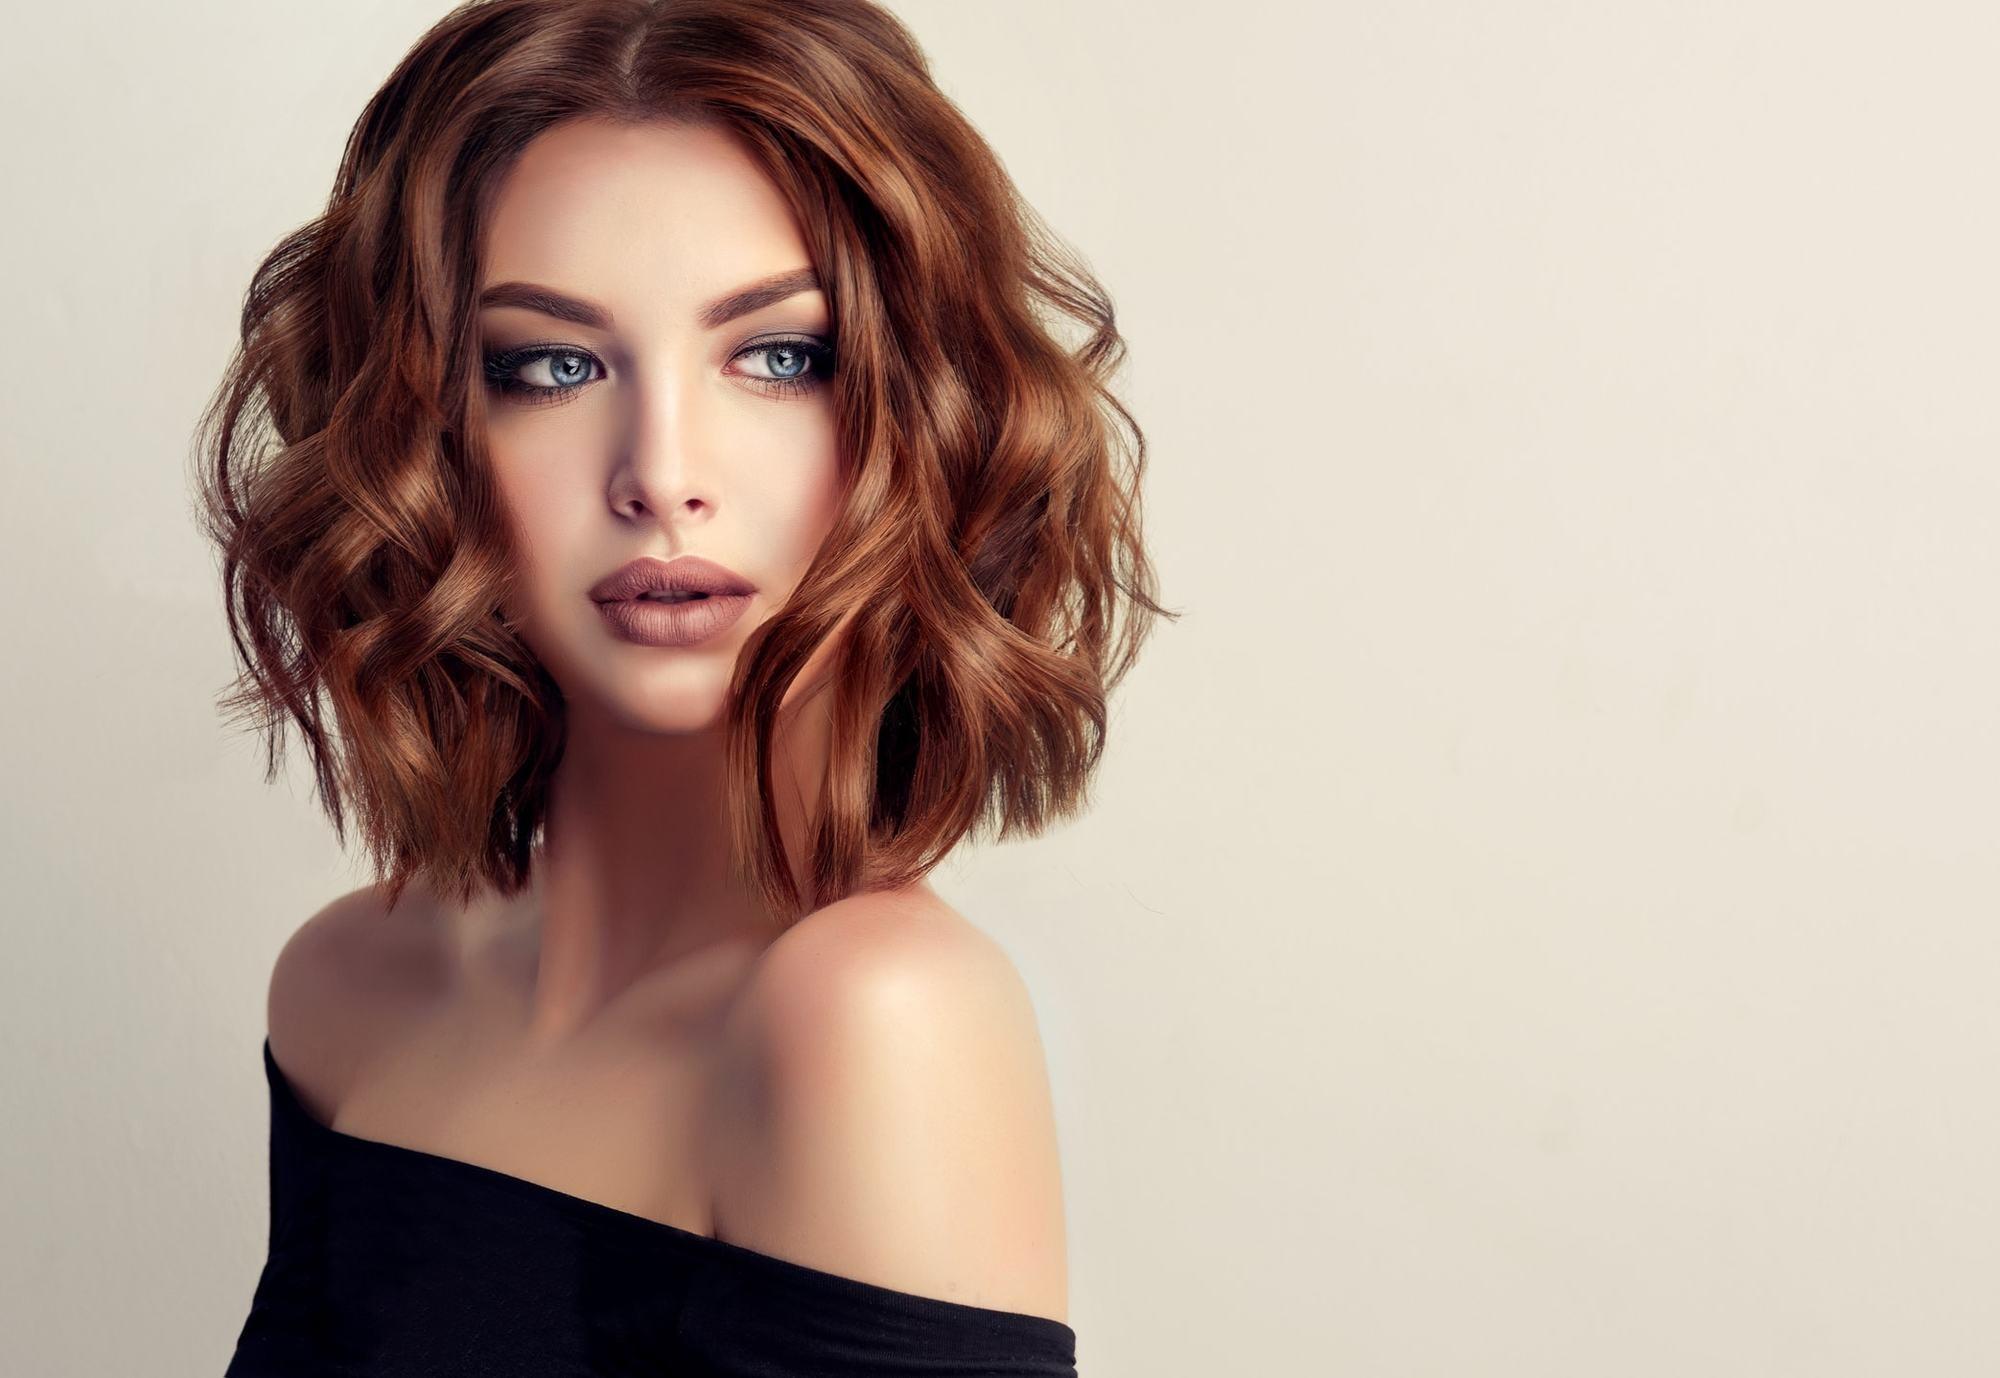 تسريحات شعر بسيطة بفرق وسطي